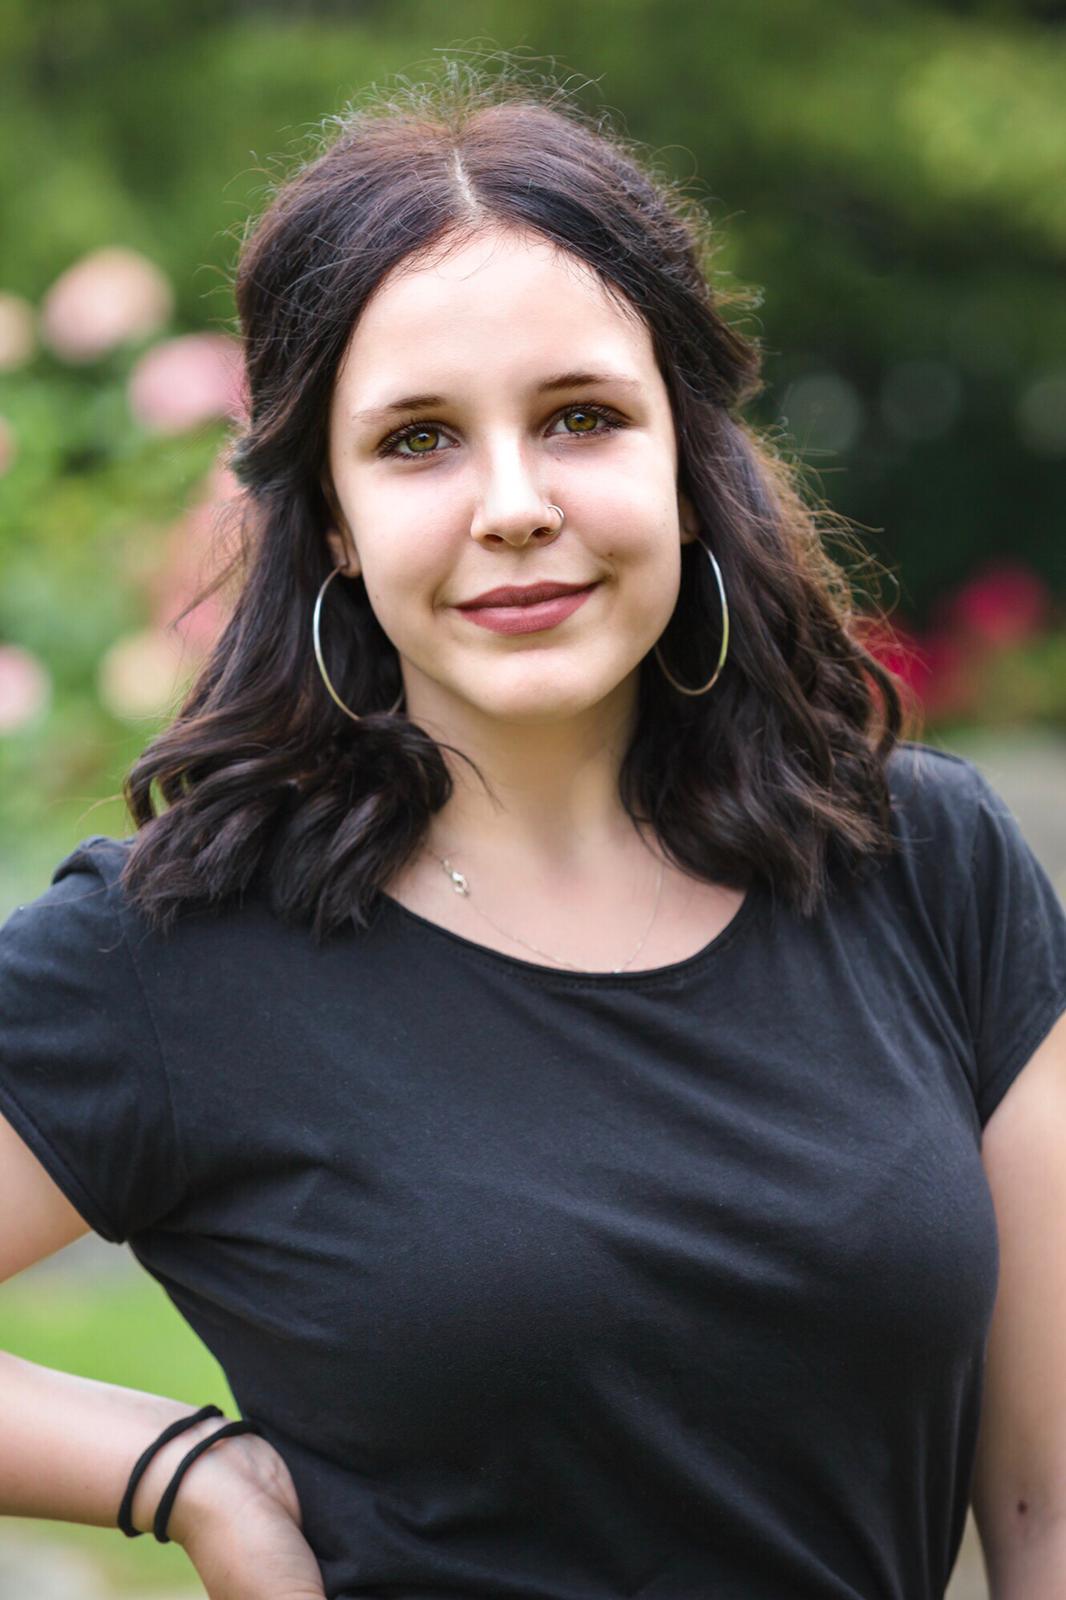 Vanessa Weiss